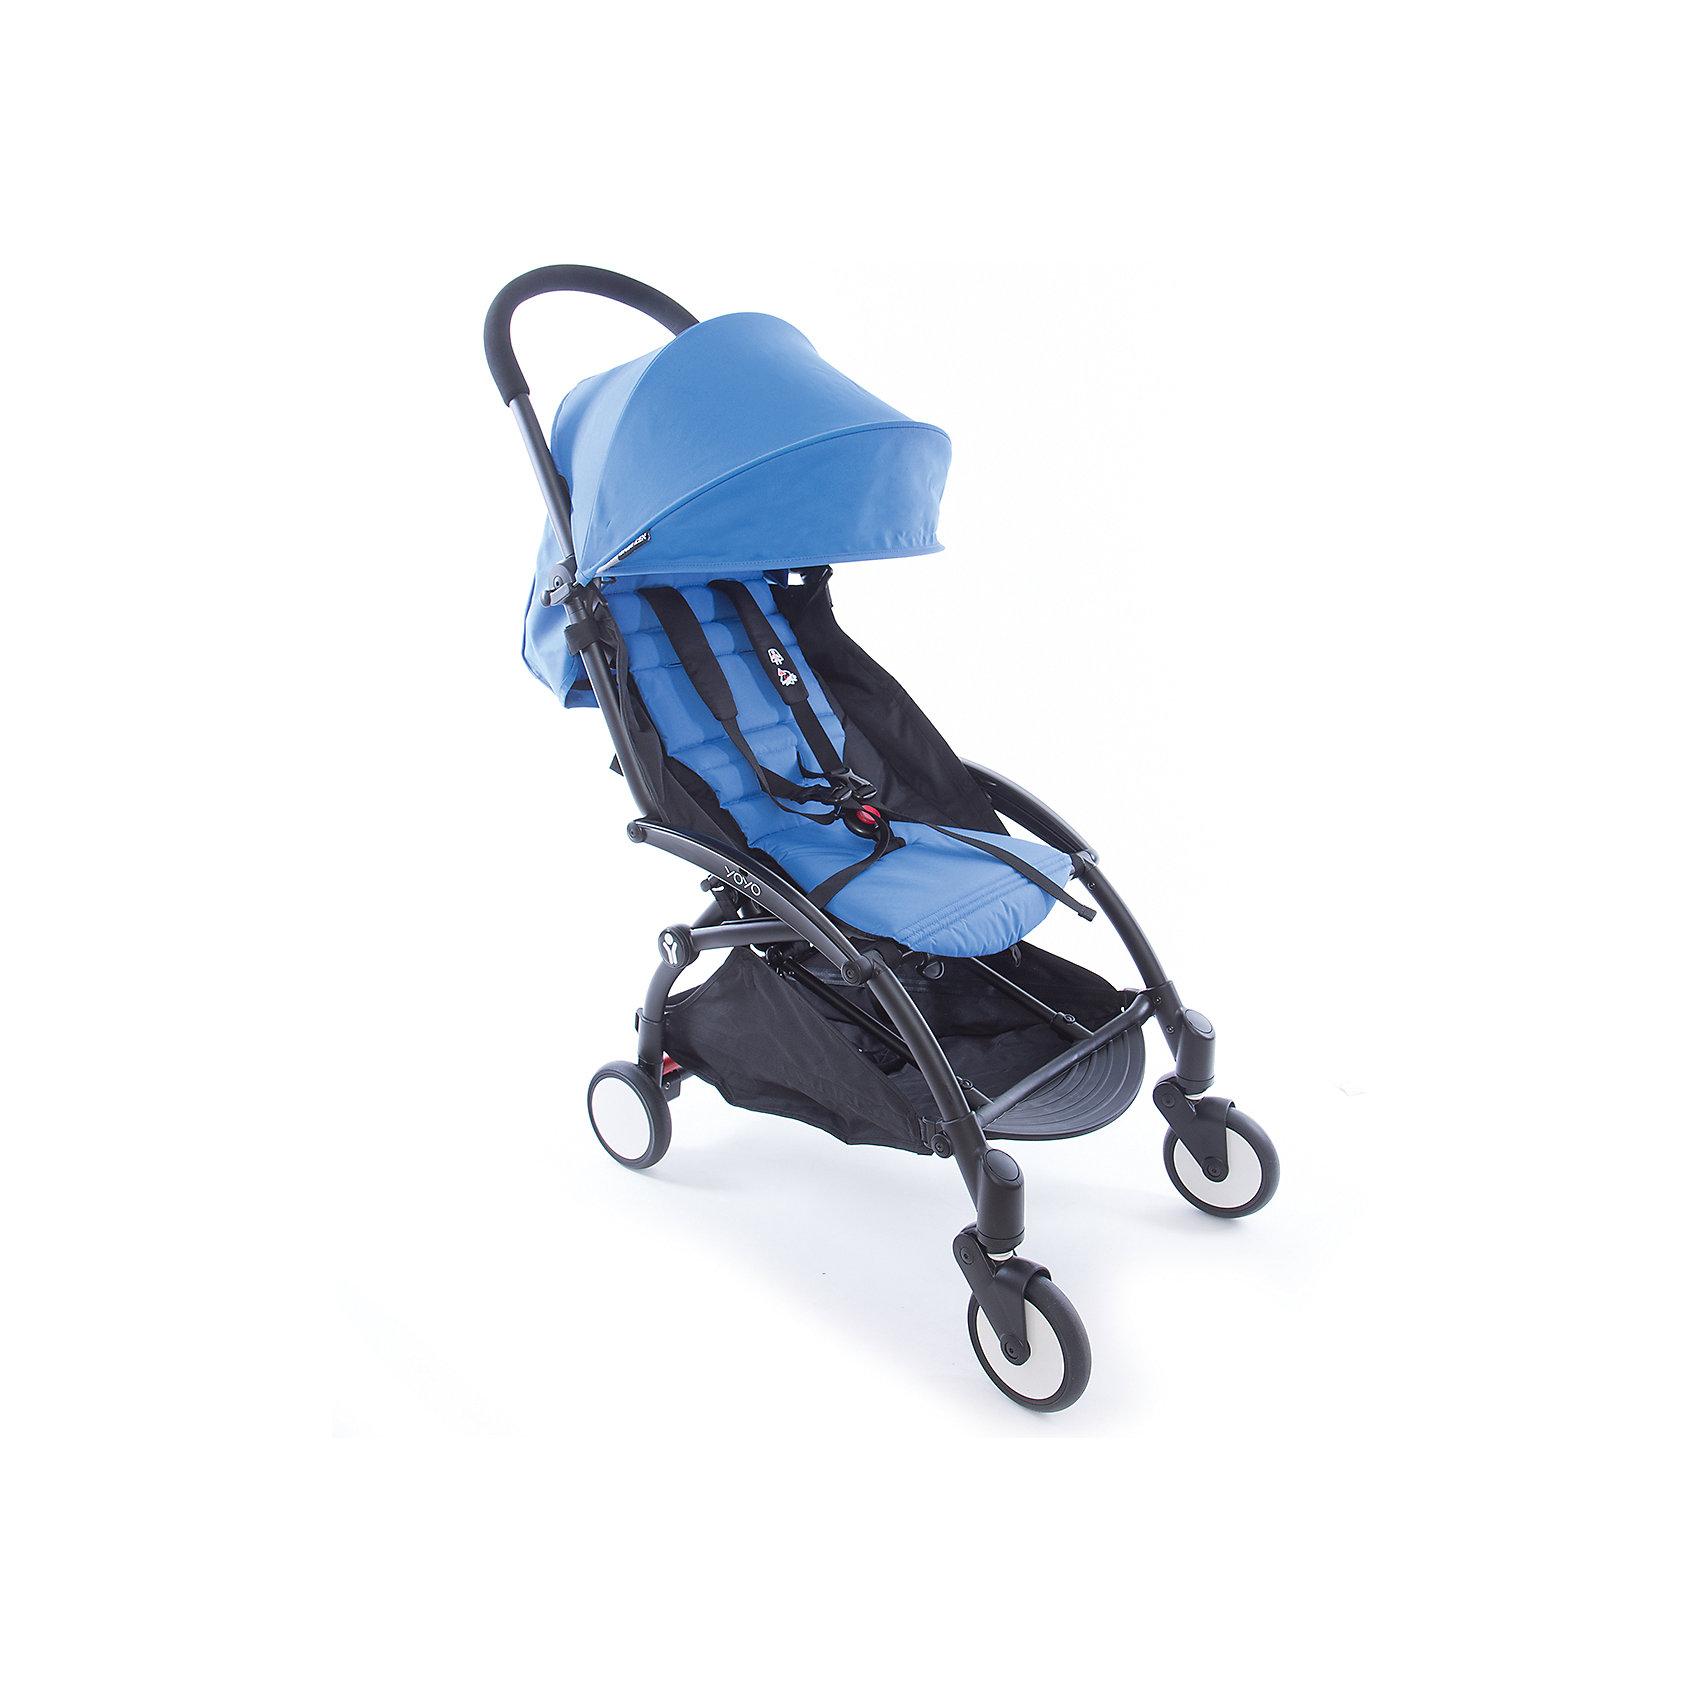 Капюшон и сиденье 6+ для YOYO+, Babyzen, синийПрогулочные коляски<br>Капюшон и сиденье 6+ для YOYO+, Babyzen (Бебизен), голубой<br><br>Характеристики:<br>• вы можете быстро изменить стиль своей коляски YOYO+<br>• установка занимает меньше 15 минут<br>• карман для мамы на капюшоне<br>• водоотталкивающий материал<br>• защита от солнца UV 50+<br>• подходит для коляски Babyzen YOYO+<br>• в комплекте: матрасик-сидение, капюшон<br>• цвет: синий<br>• коллекция: 2017<br><br>Для того, чтобы коляска вашего малыша была самой стильной, достаточно выбрать подходящий цвет. Капюшон и сиденье голубого цвета отлично подойдет для мальчиков. С ними Babyzen YOYO+ превратится в настоящий спортивный экипаж! Установка комплекта не займет у вас много времени. <br><br>Комплект выполнен из водоотталкивающего материала, что особенно удобно в непогоду. На капюшоне есть небольшой карман, в который вы сможете положить игрушку малыша или необходимые принадлежности. Капюшон оснащен козырьком с защитой от солнца UV 50+. Комплект подходит для детей старше 6 месяцев. Создайте свою стильную коляску Babyzen YOYO+!<br><br>Внимание!!! Аксессуары на фото показаны в готовом виде на базе (раме), которая продается отдельно.<br><br>Капюшон и сиденье 6+ для YOYO+, Babyzen (Бебизен), голубой вы можете купить в нашем интернет-магазине.<br><br>Ширина мм: 650<br>Глубина мм: 10<br>Высота мм: 10<br>Вес г: 730<br>Возраст от месяцев: 6<br>Возраст до месяцев: 36<br>Пол: Мужской<br>Возраст: Детский<br>SKU: 5445681